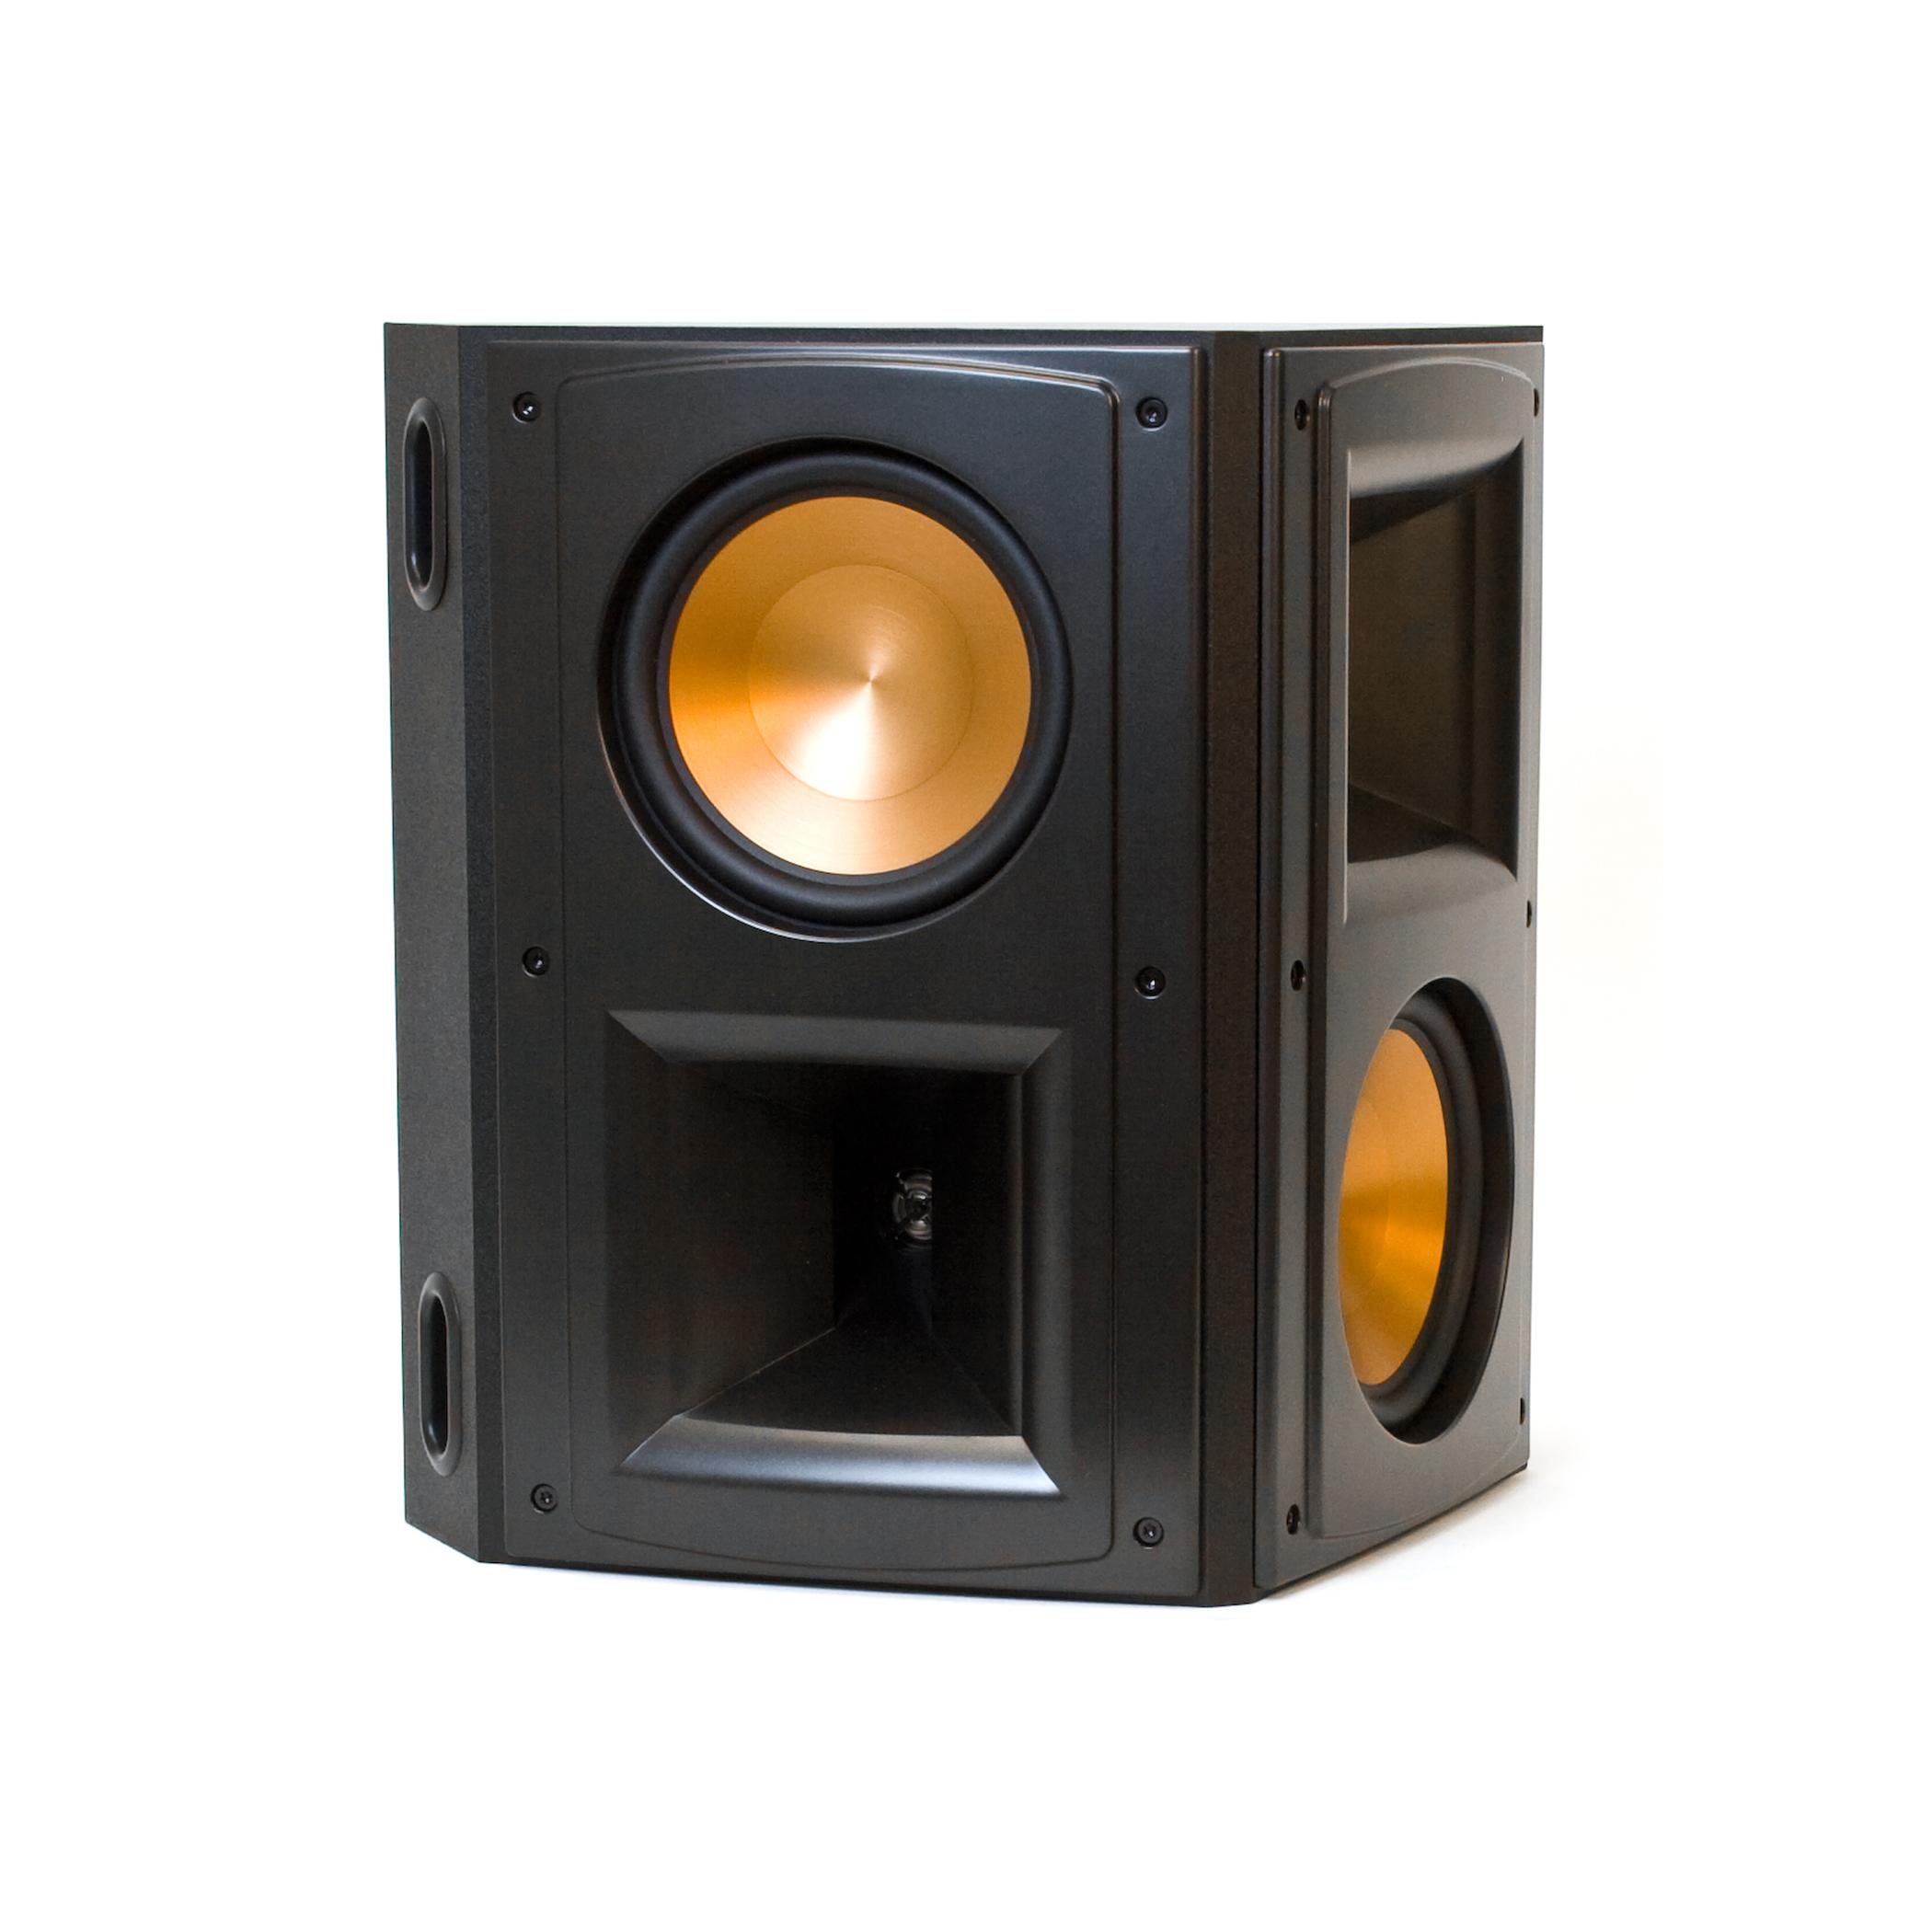 rs 62 ii surround speaker klipsch. Black Bedroom Furniture Sets. Home Design Ideas